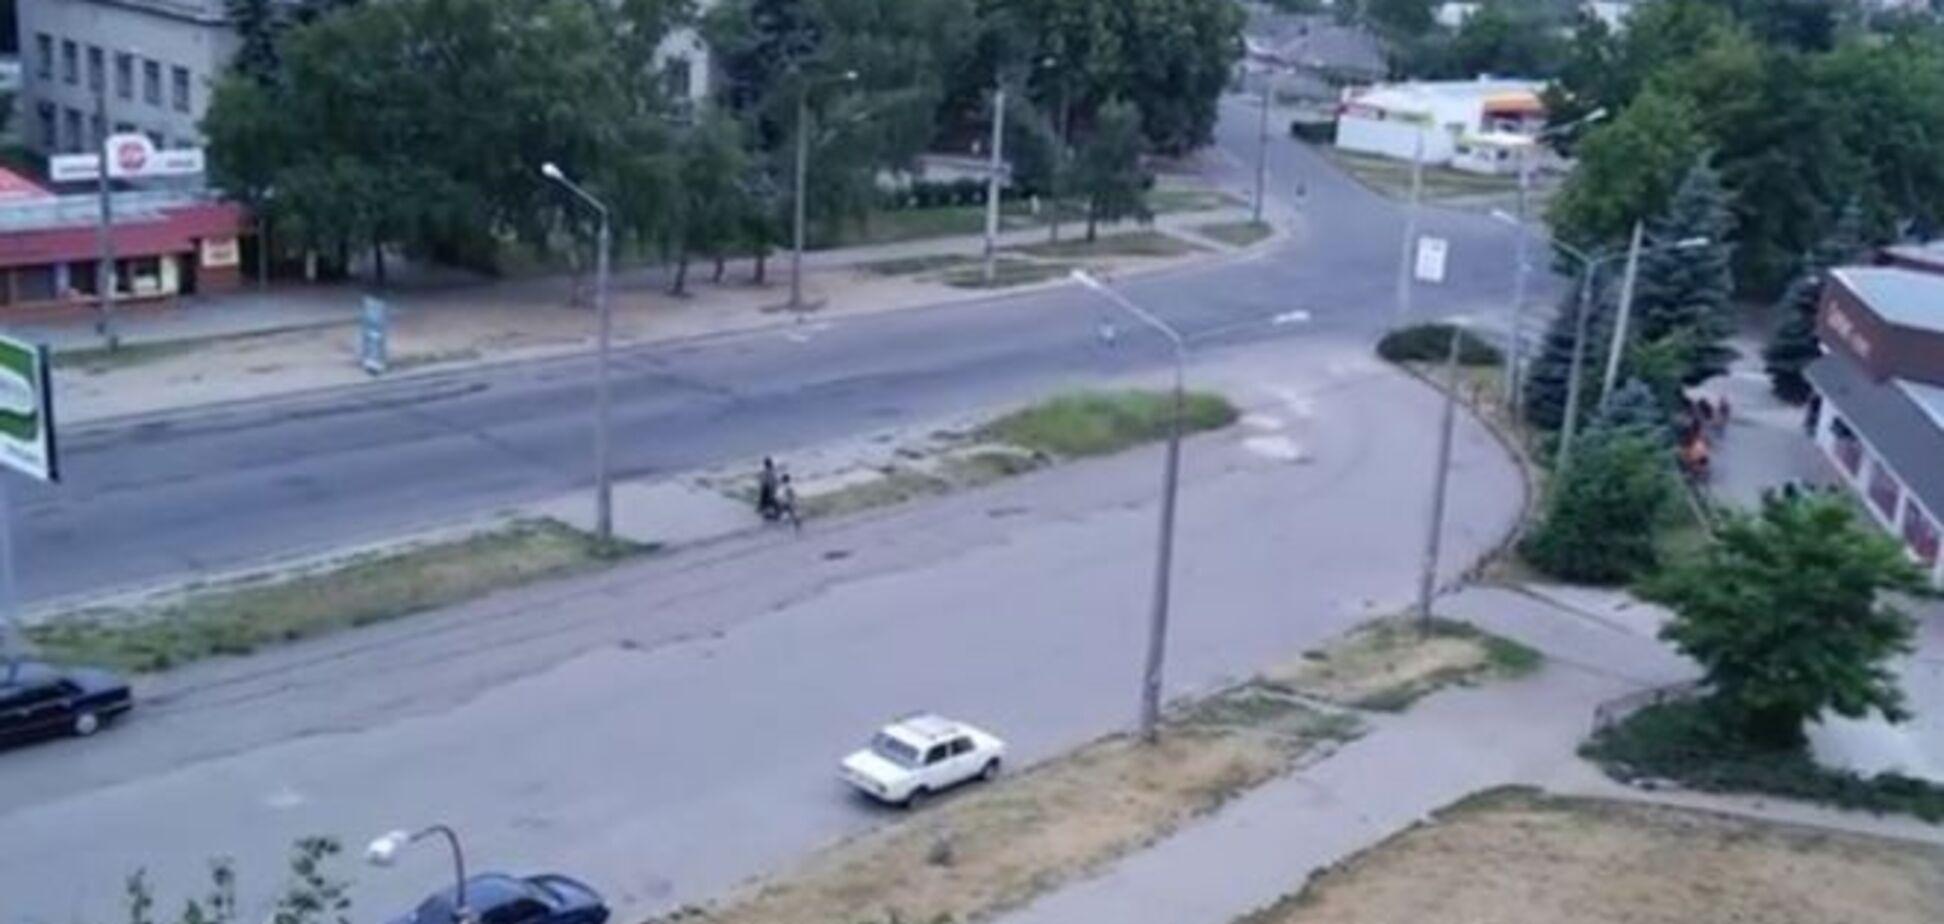 Дубль два. В Харькове снова произошла массовая драка: видеофакт